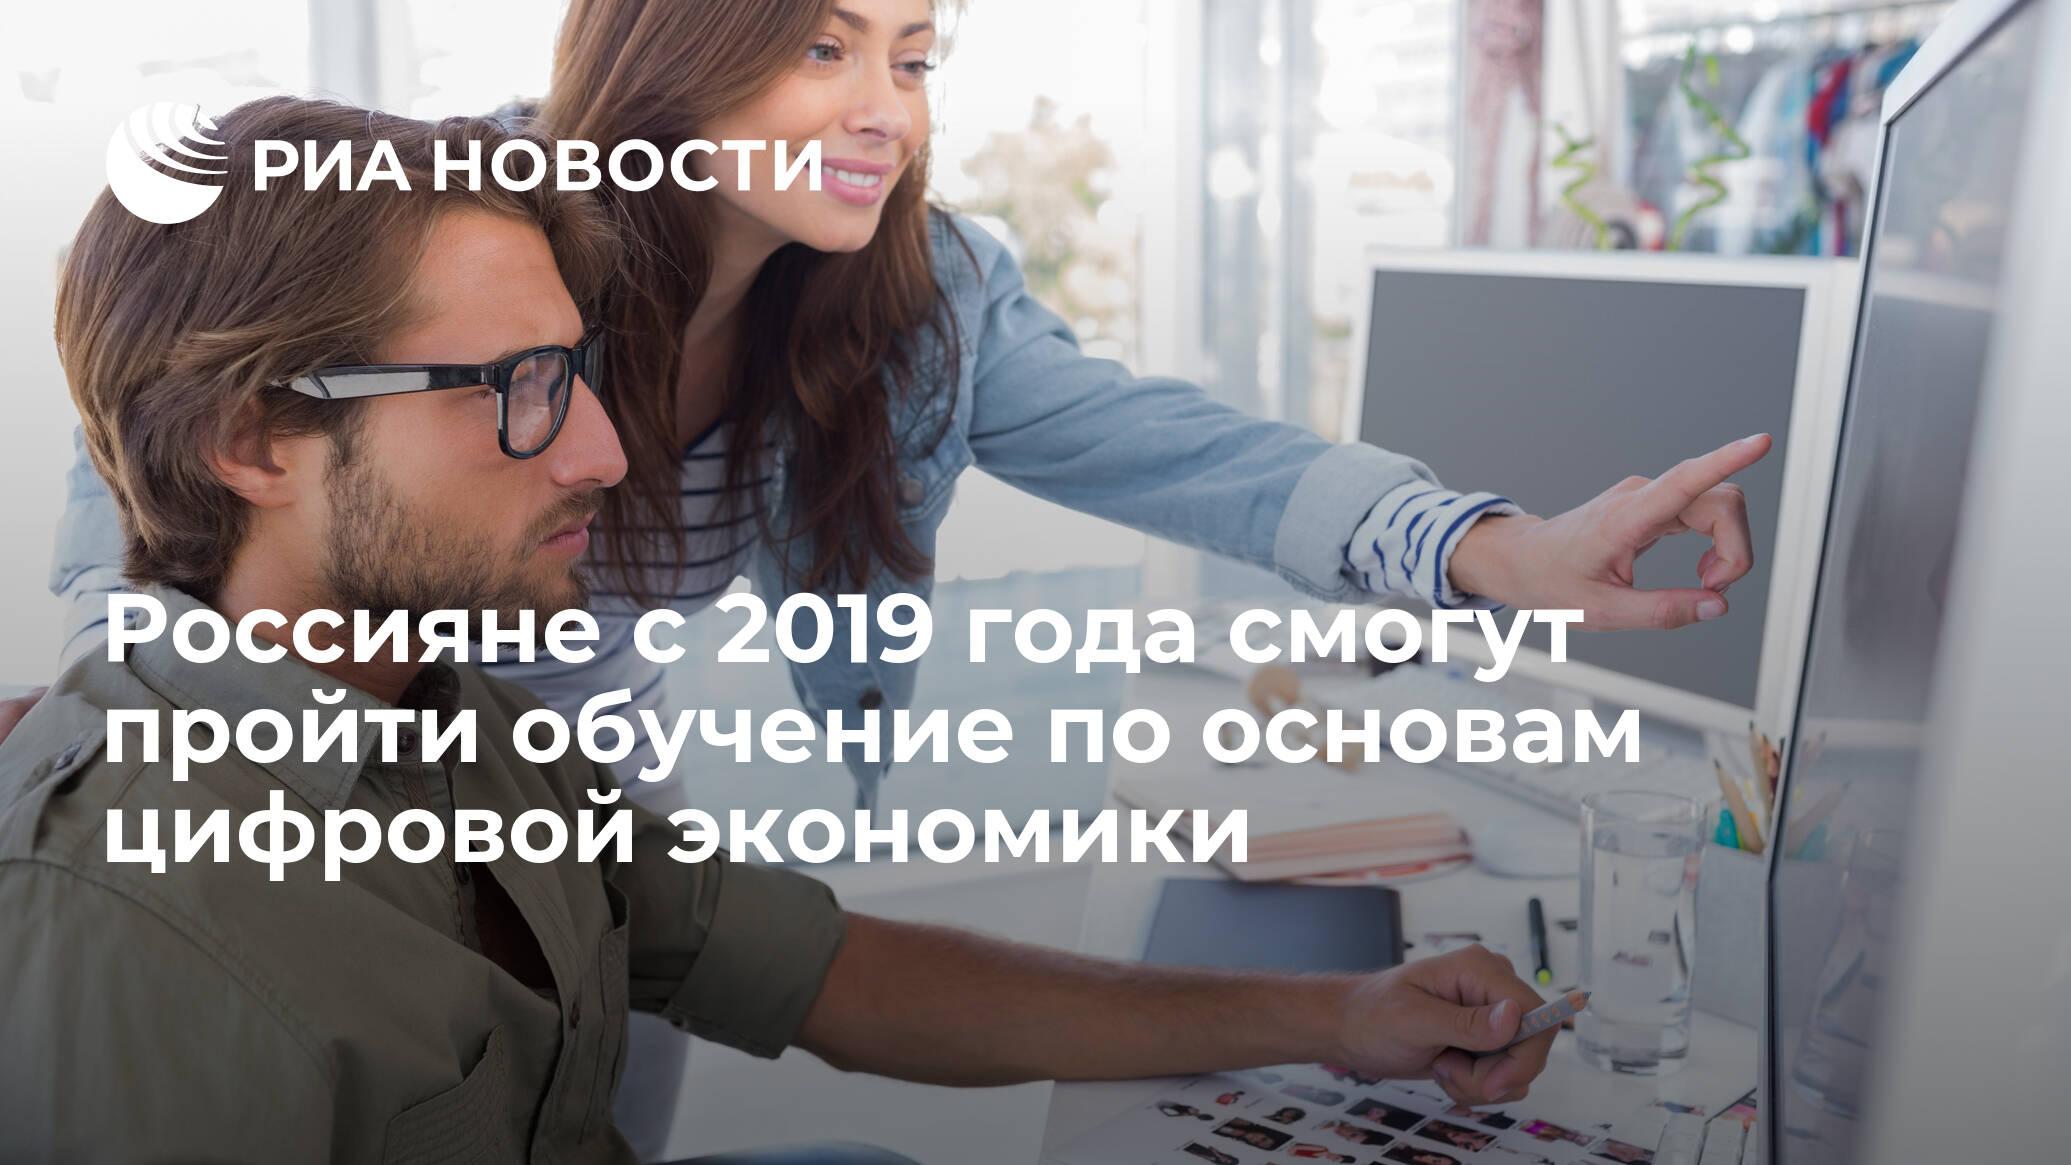 Россияне с 2019 года смогут пройти обучение по основам цифровой экономики